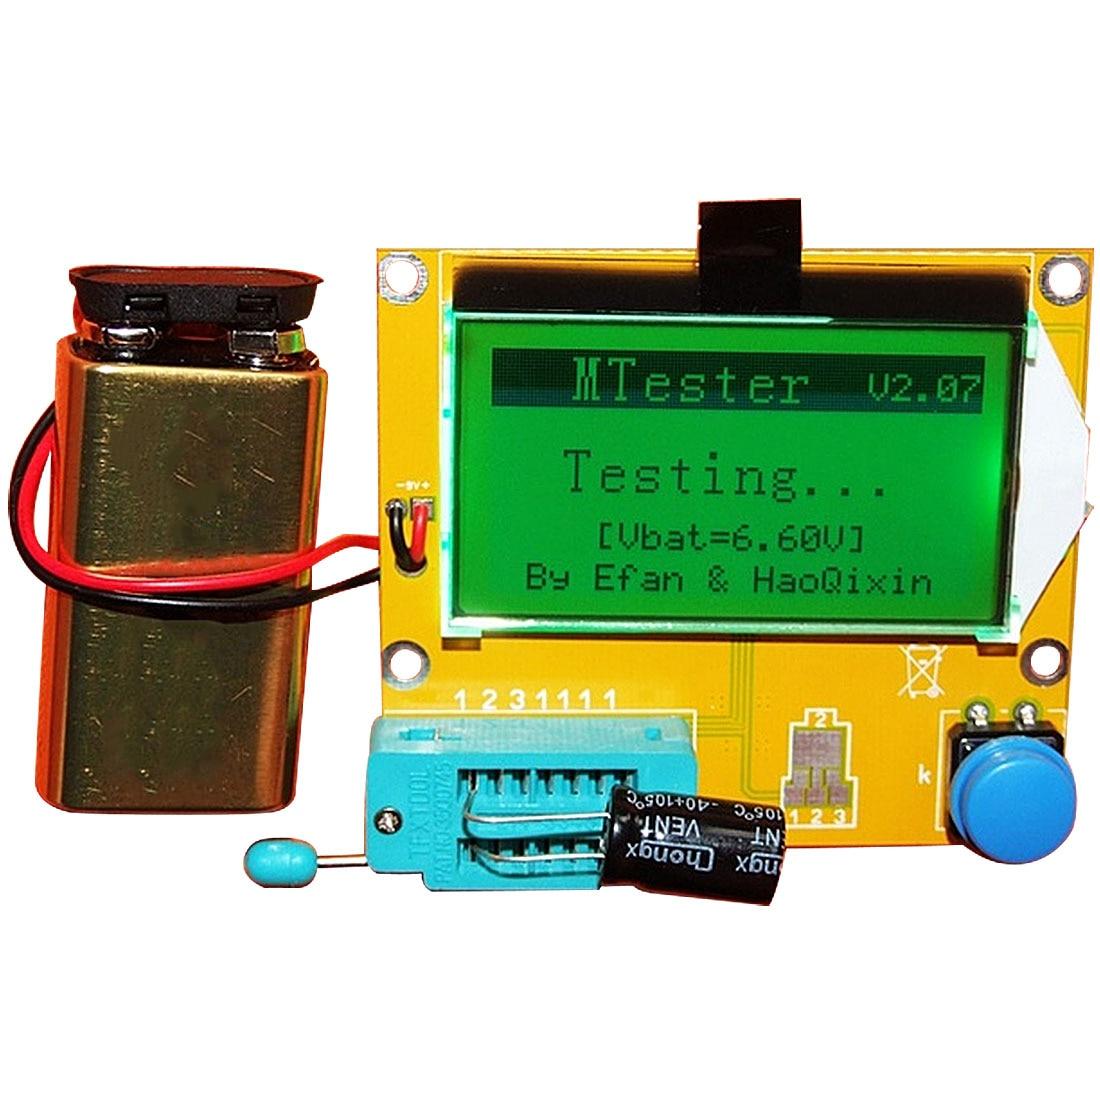 LCD Digital Transistor Tester Meter LCR-T4 12864 9V Backlight Diode Triode Capacitance ESR Meter For MOSFET/JFET/PNP/NPN L/C/R